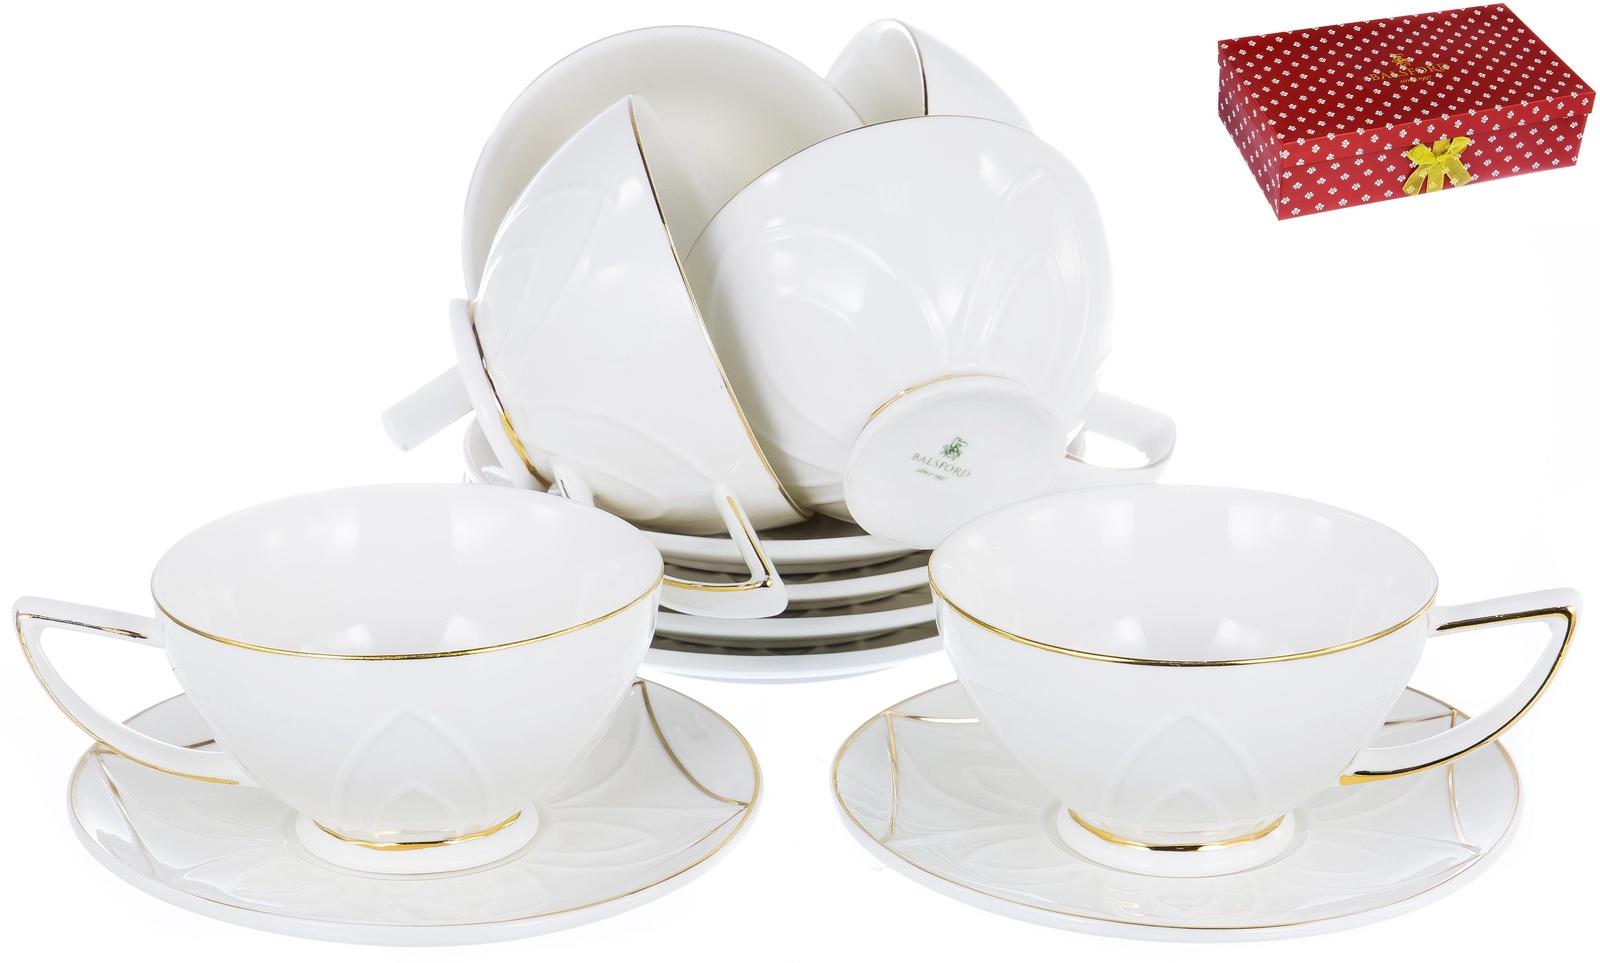 ГРАЦИЯ, набор чайный, 6 чашек 200мл, 6 блюдец, NEW BONE CHINA, декор - белый с золотом, подарочная упаковка, ТМ Balsford, артикул 101-12007